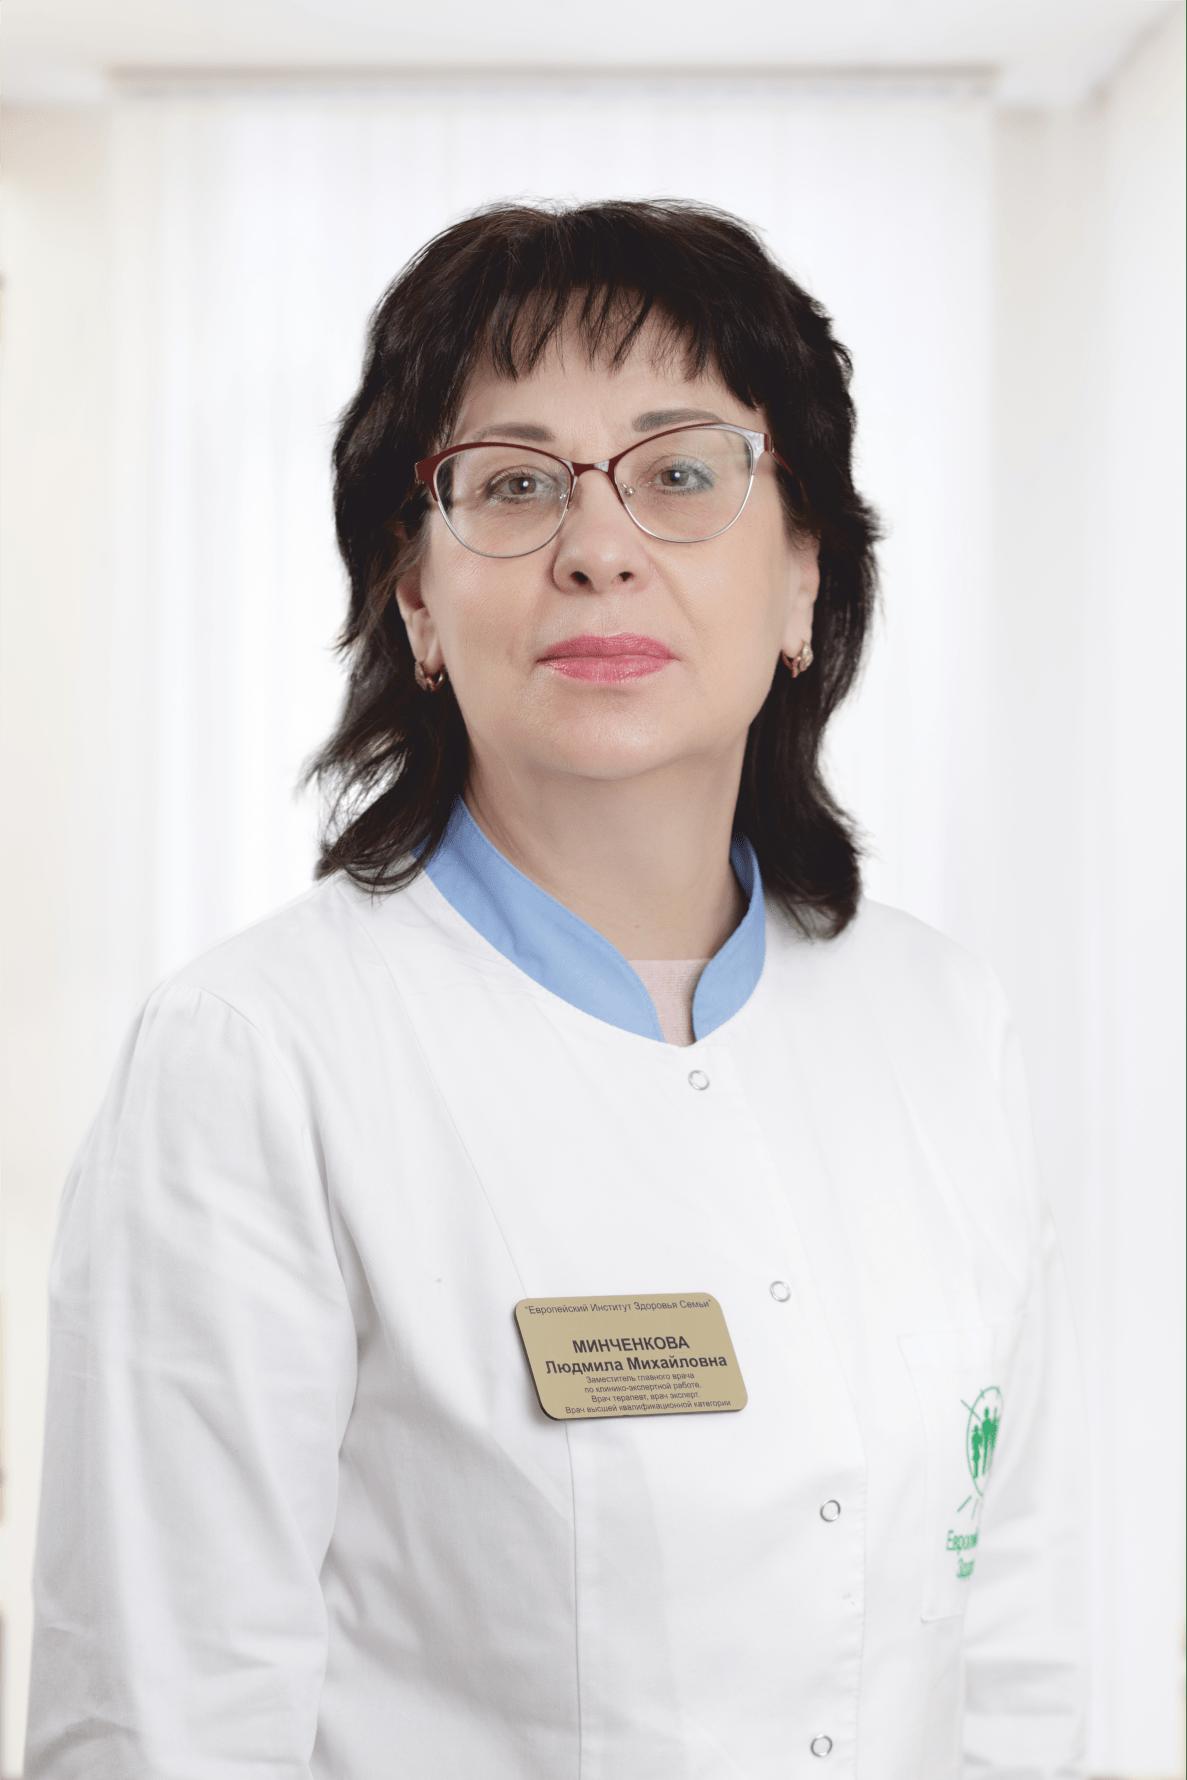 Минченкова Людмила Михайловна : Зам. главного врача по клинико-экспертной работе, врач-терапевт высшей квалификационной категории